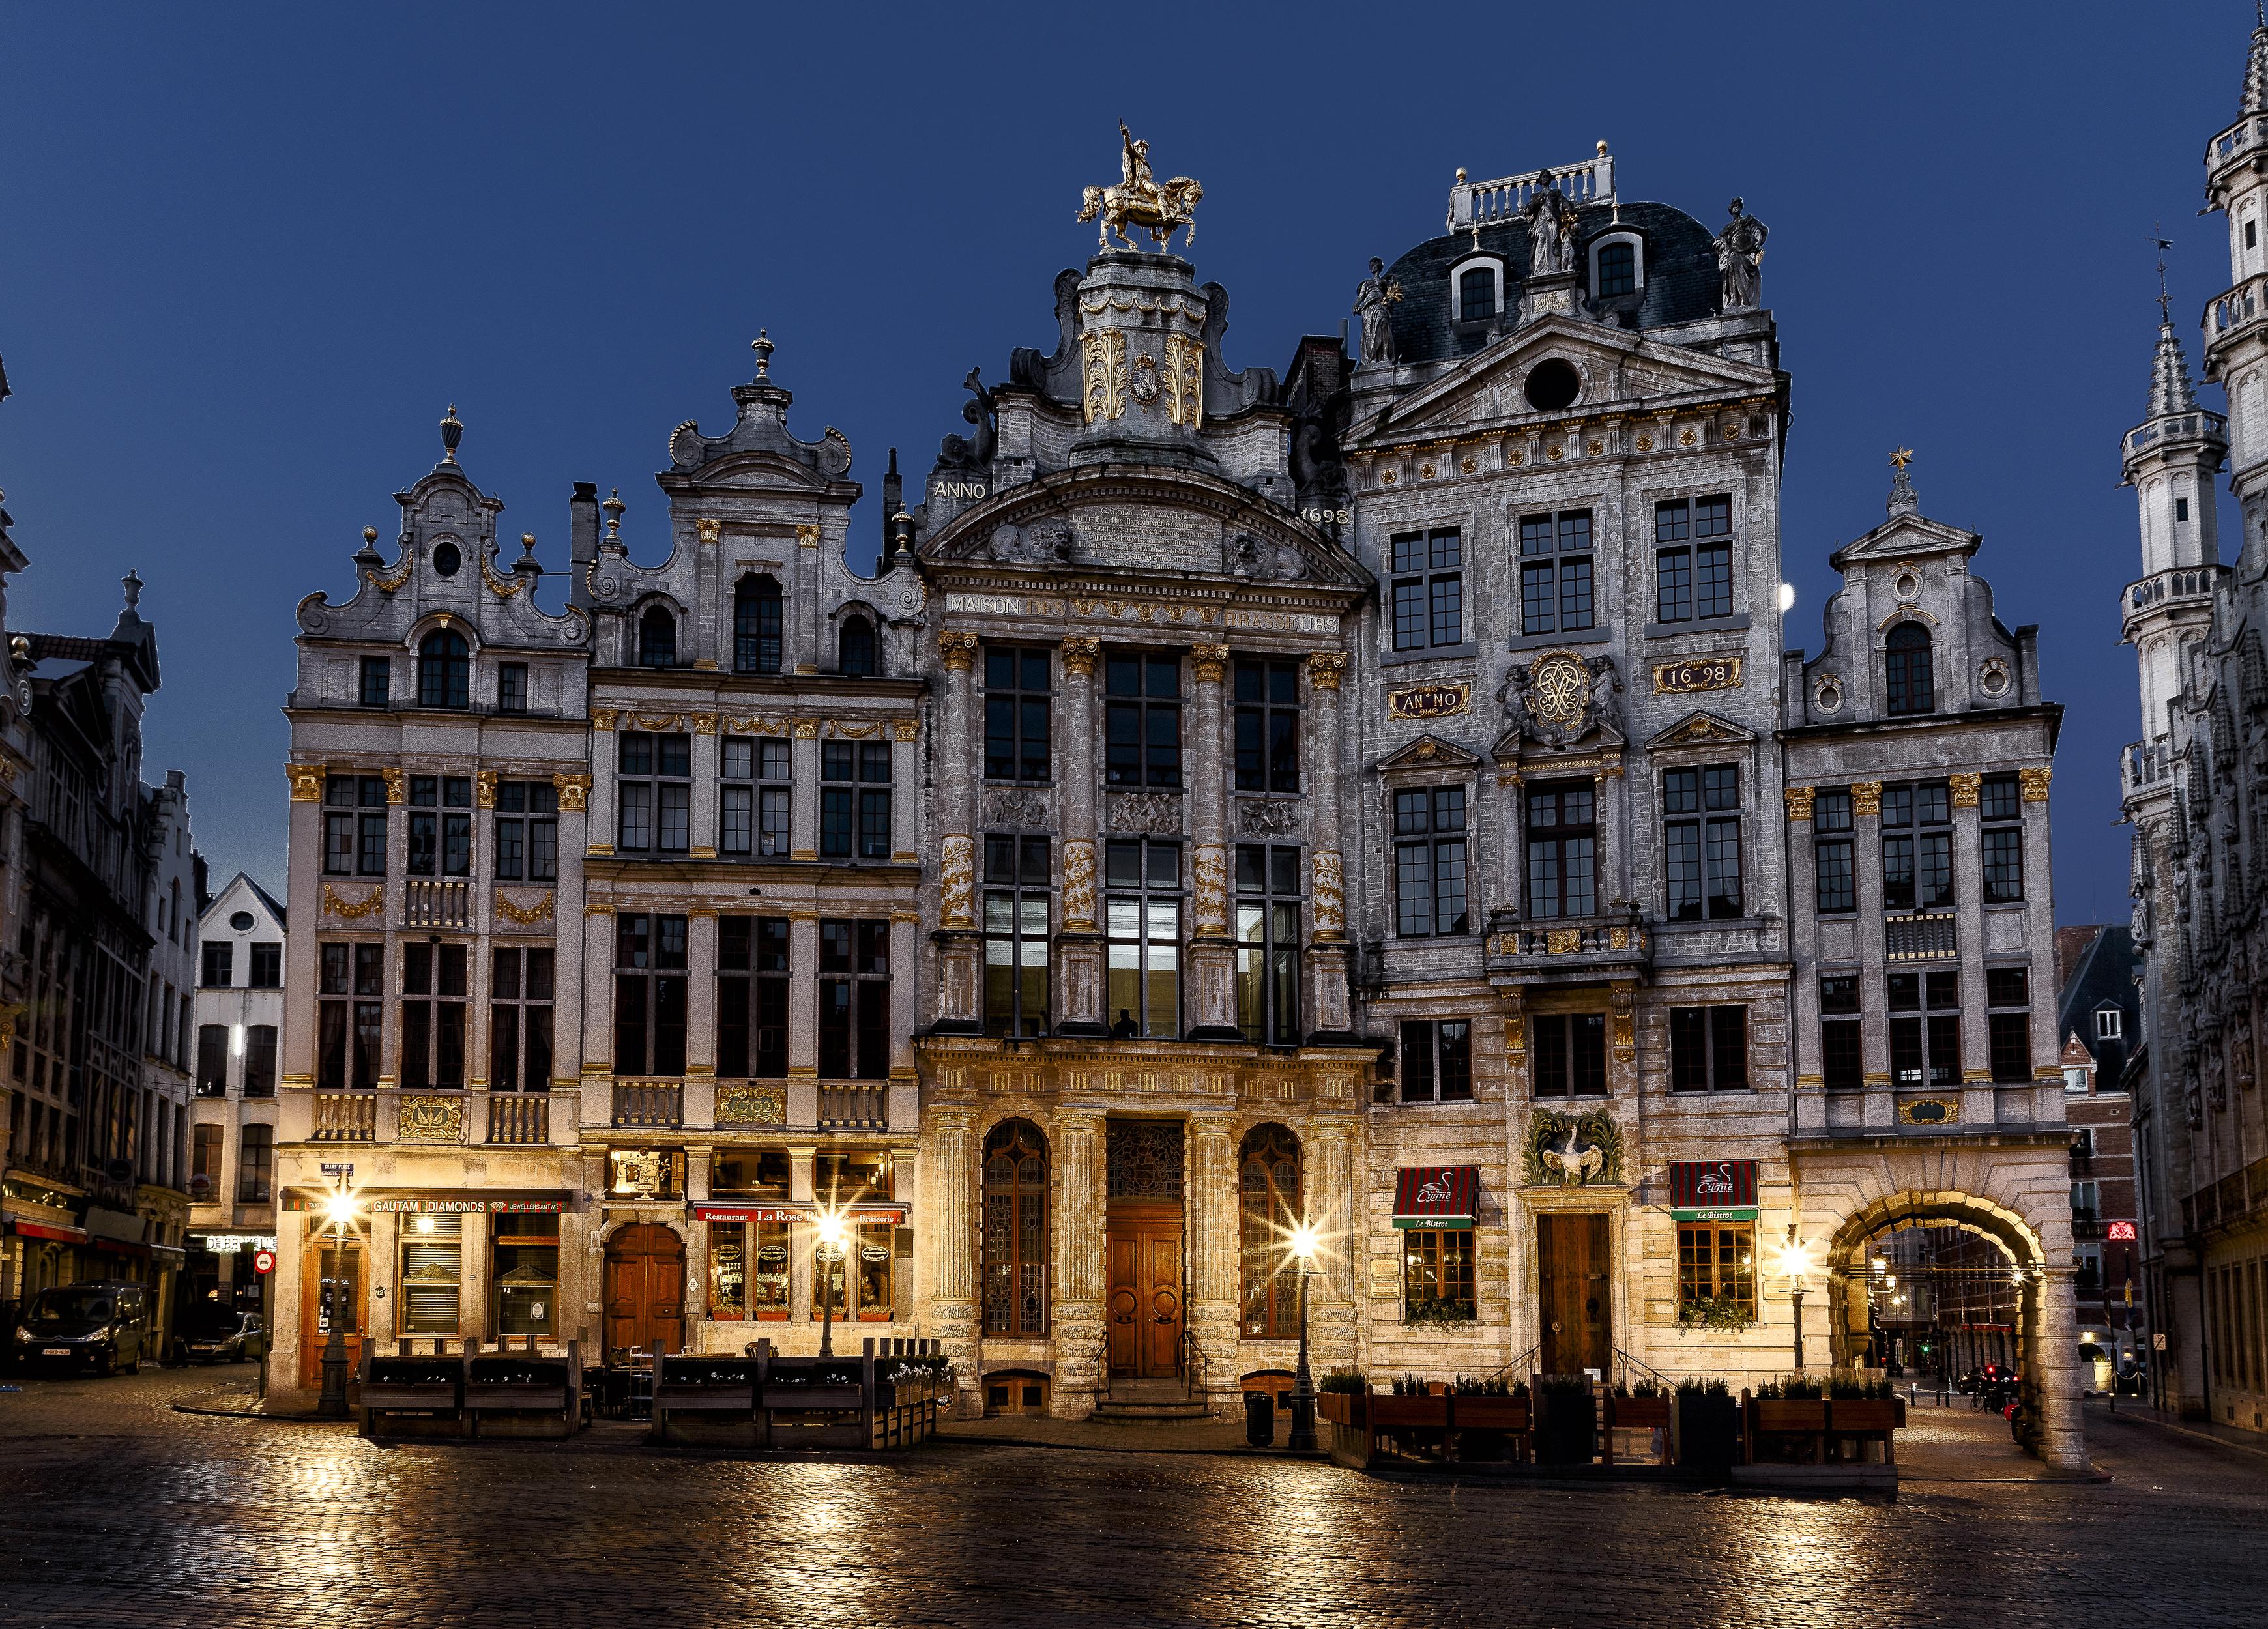 Фотография Бельгия Brussels в ночи Уличные фонари город Здания 3480x2500 Ночь ночью Ночные Дома Города